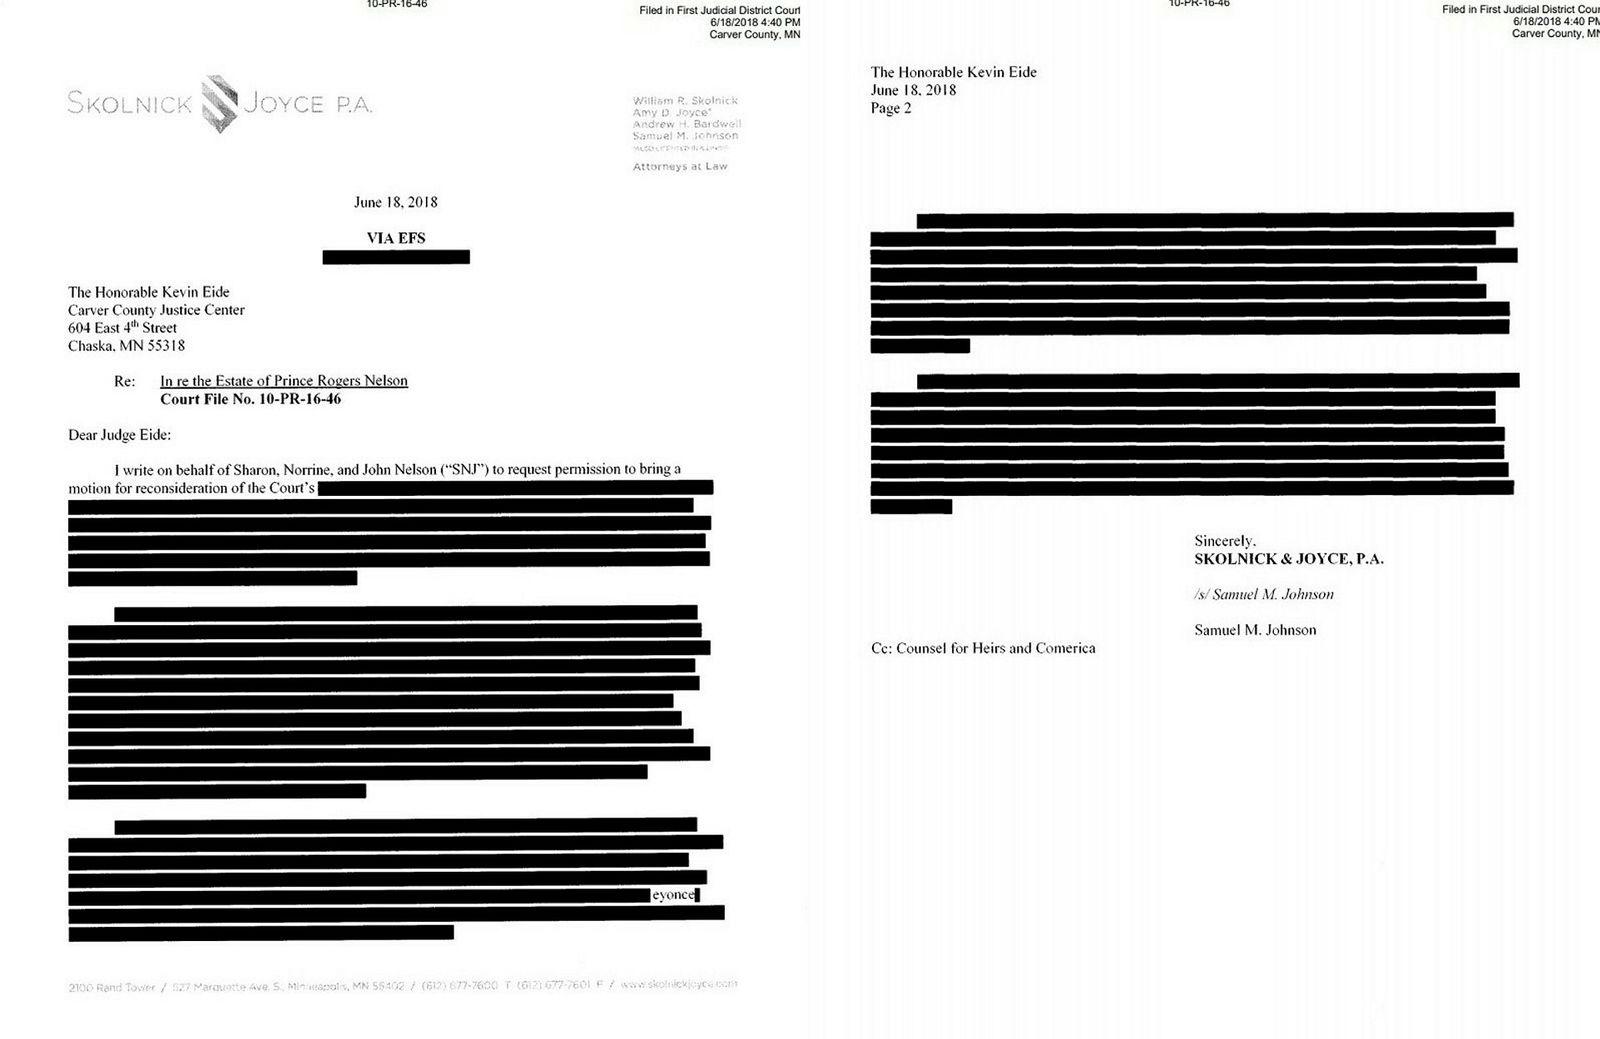 Brevet fra advokat Samuel M. Johnson fra advokatselskapet Skolnick & Joyce er nå lagt ut igjen på nettsidene. Det meste av innholdet i brevet er nå sladdet.